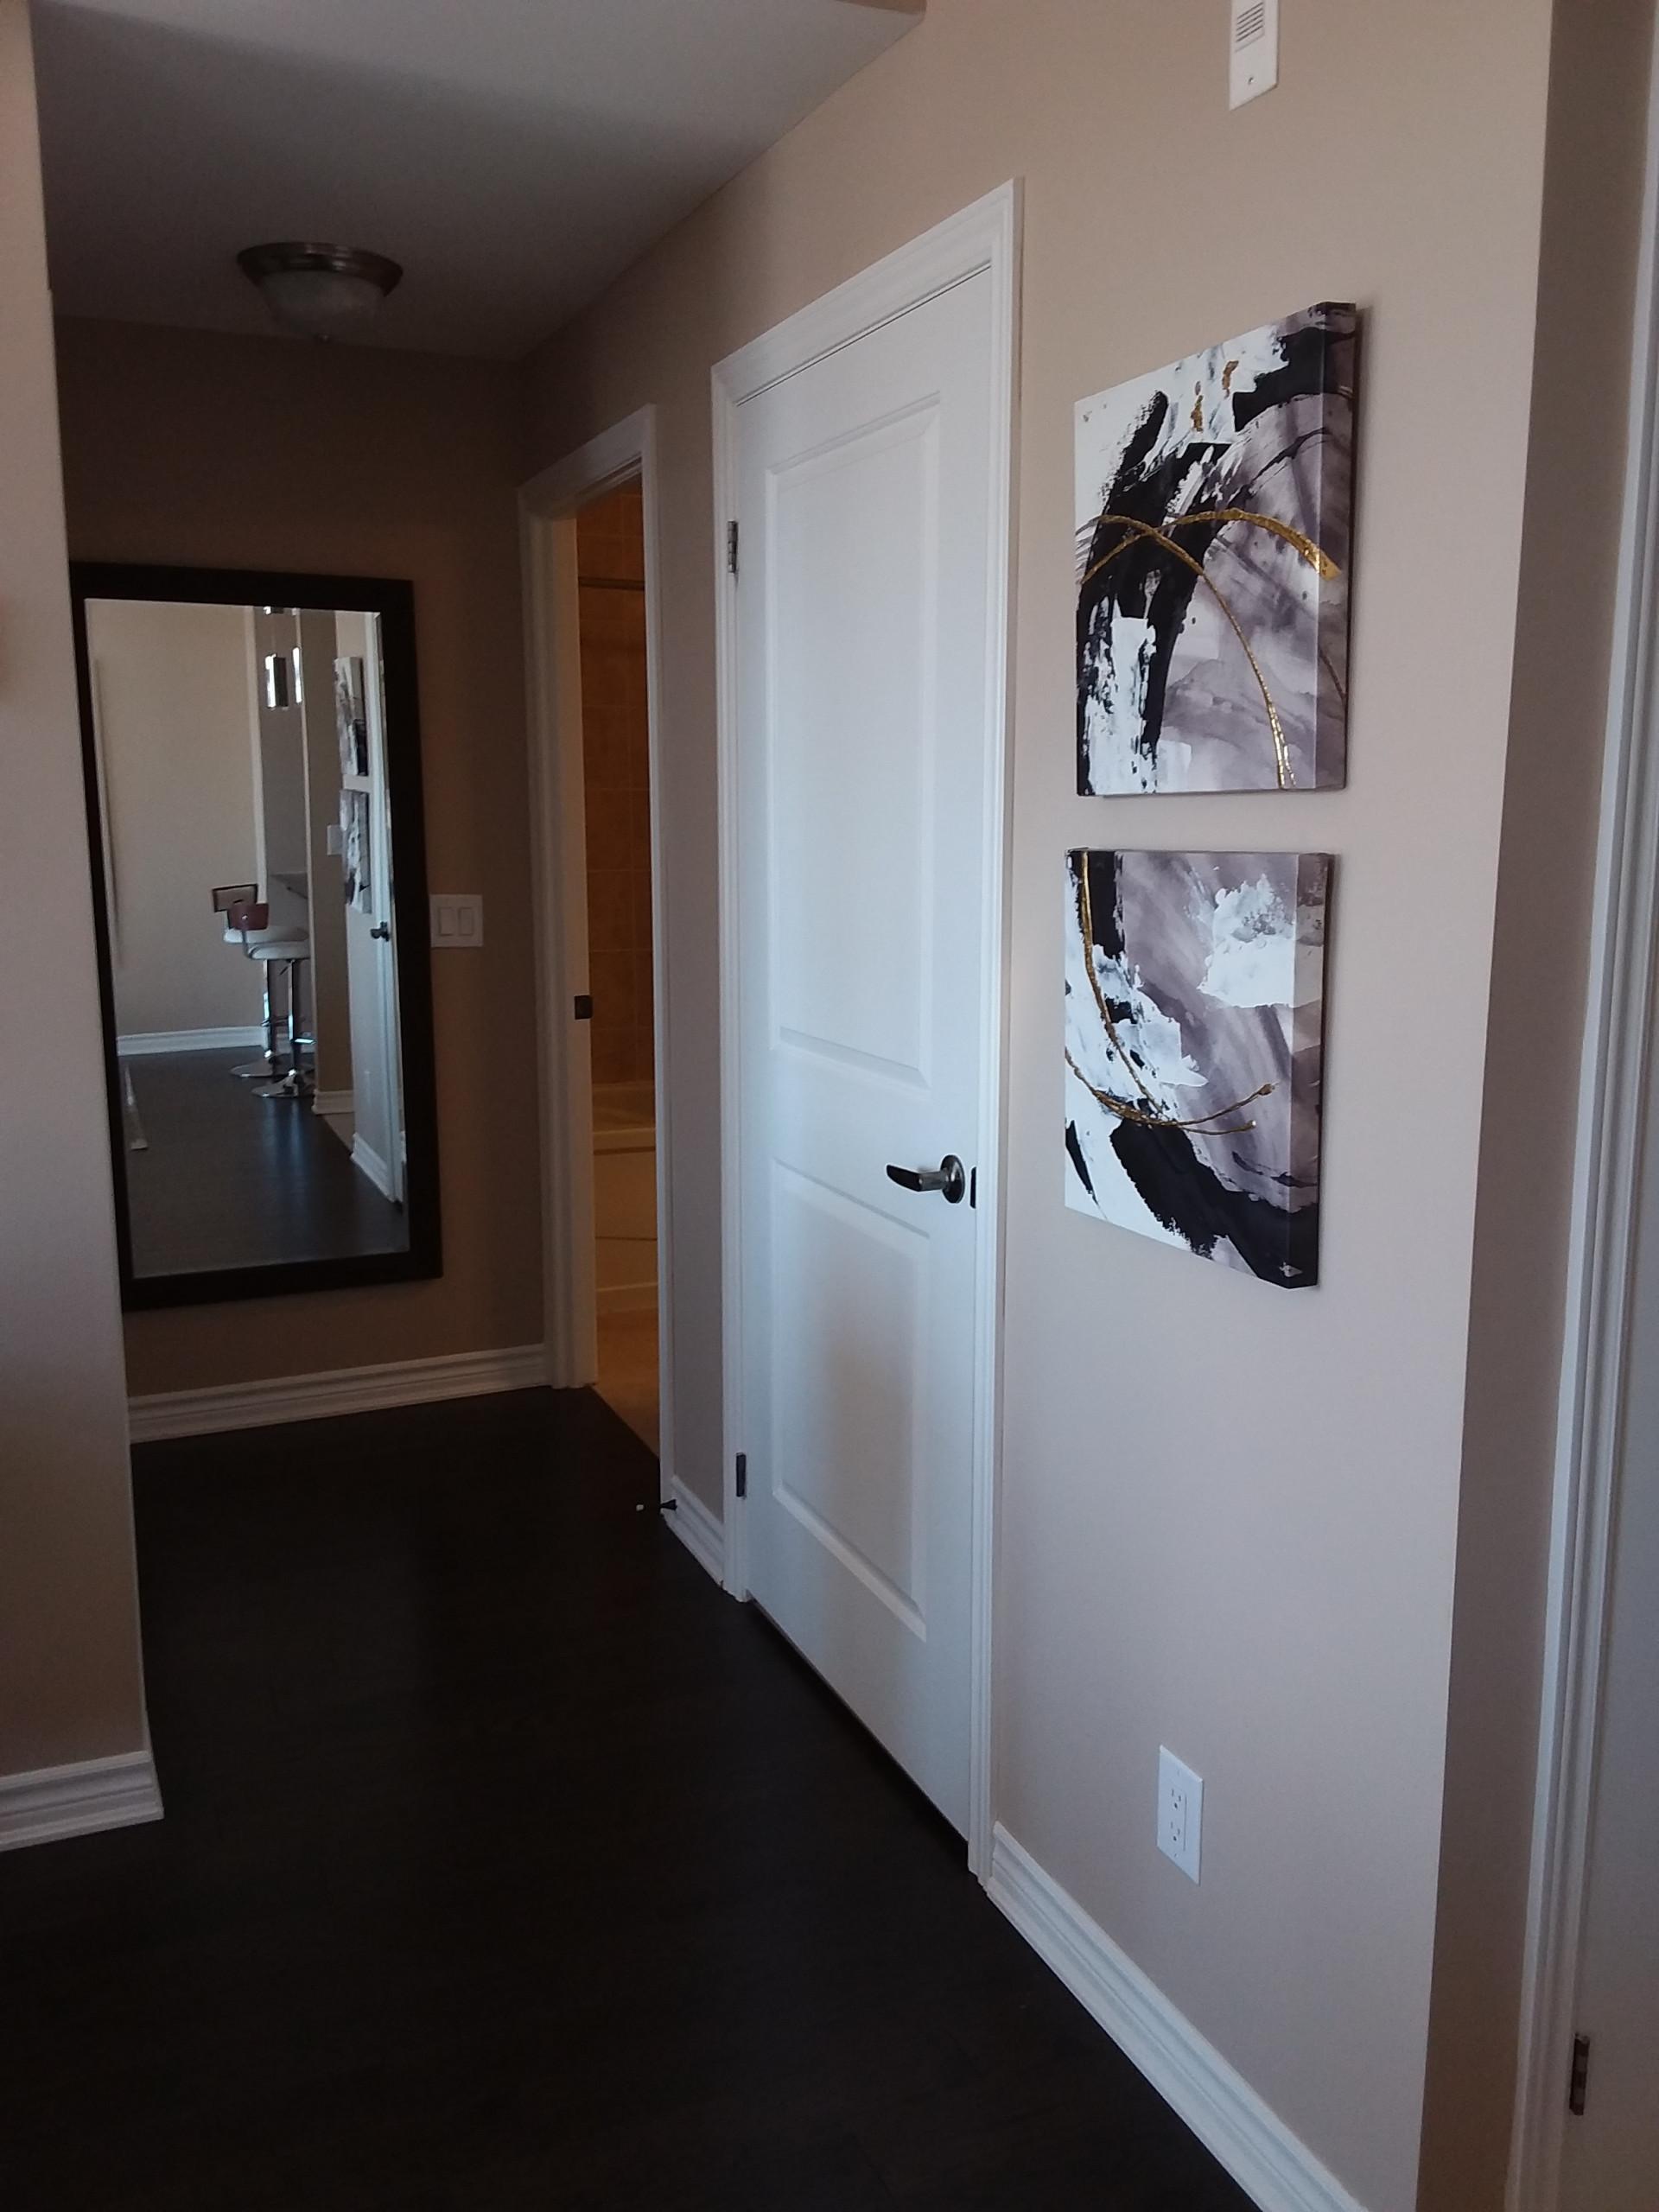 Small space design:  condo design oakville